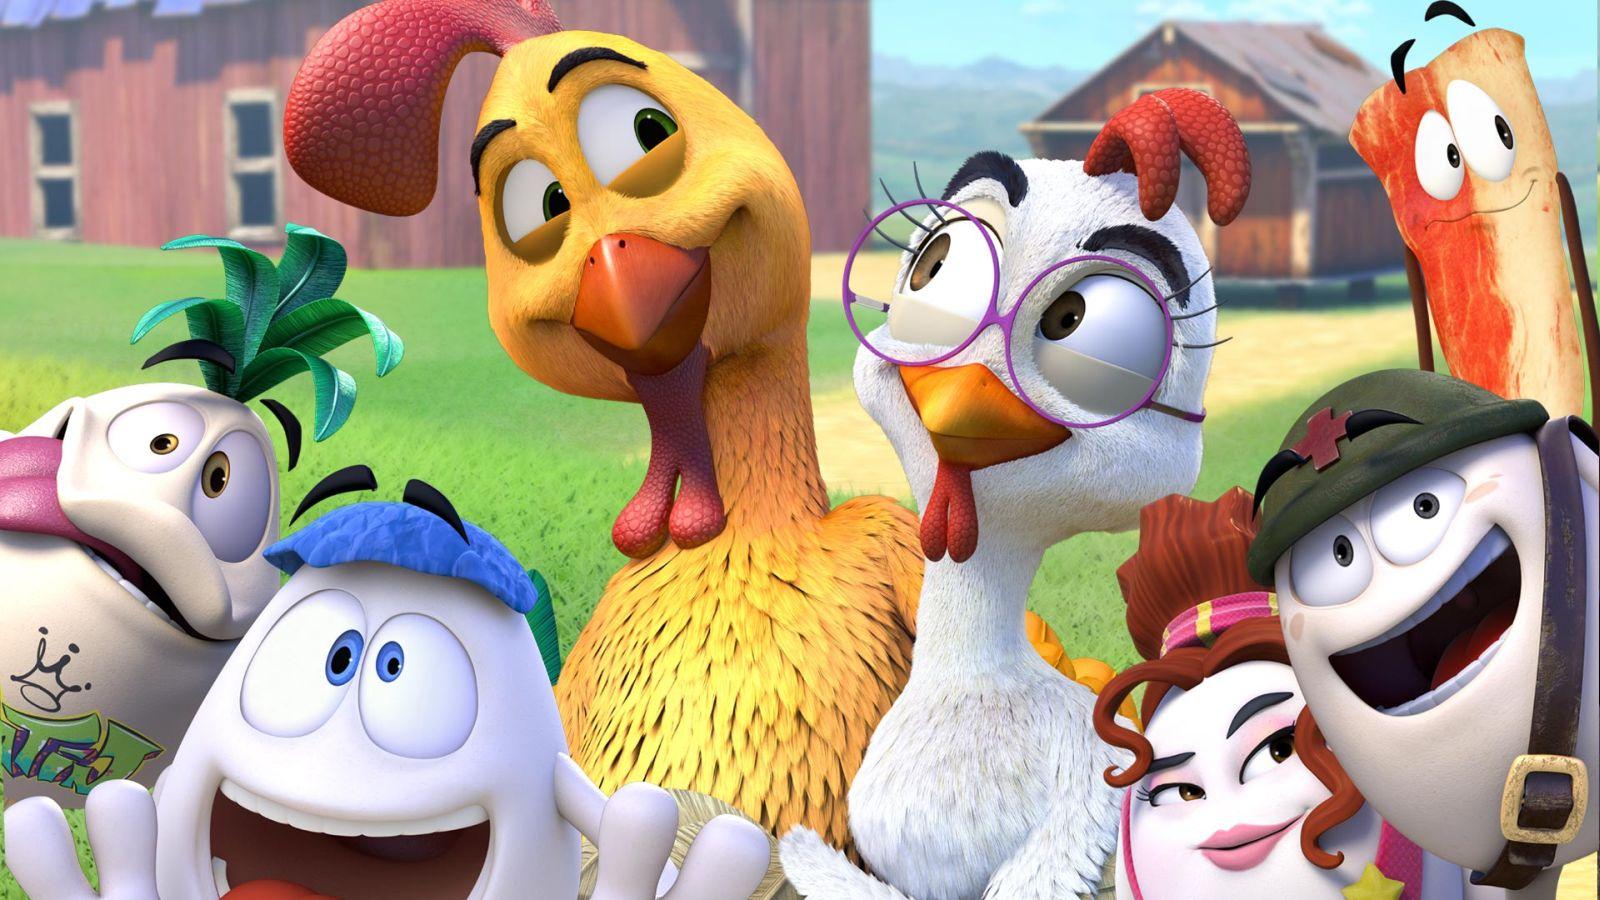 Pedro - Galletto coraggioso: un'immagine del film d'animazione